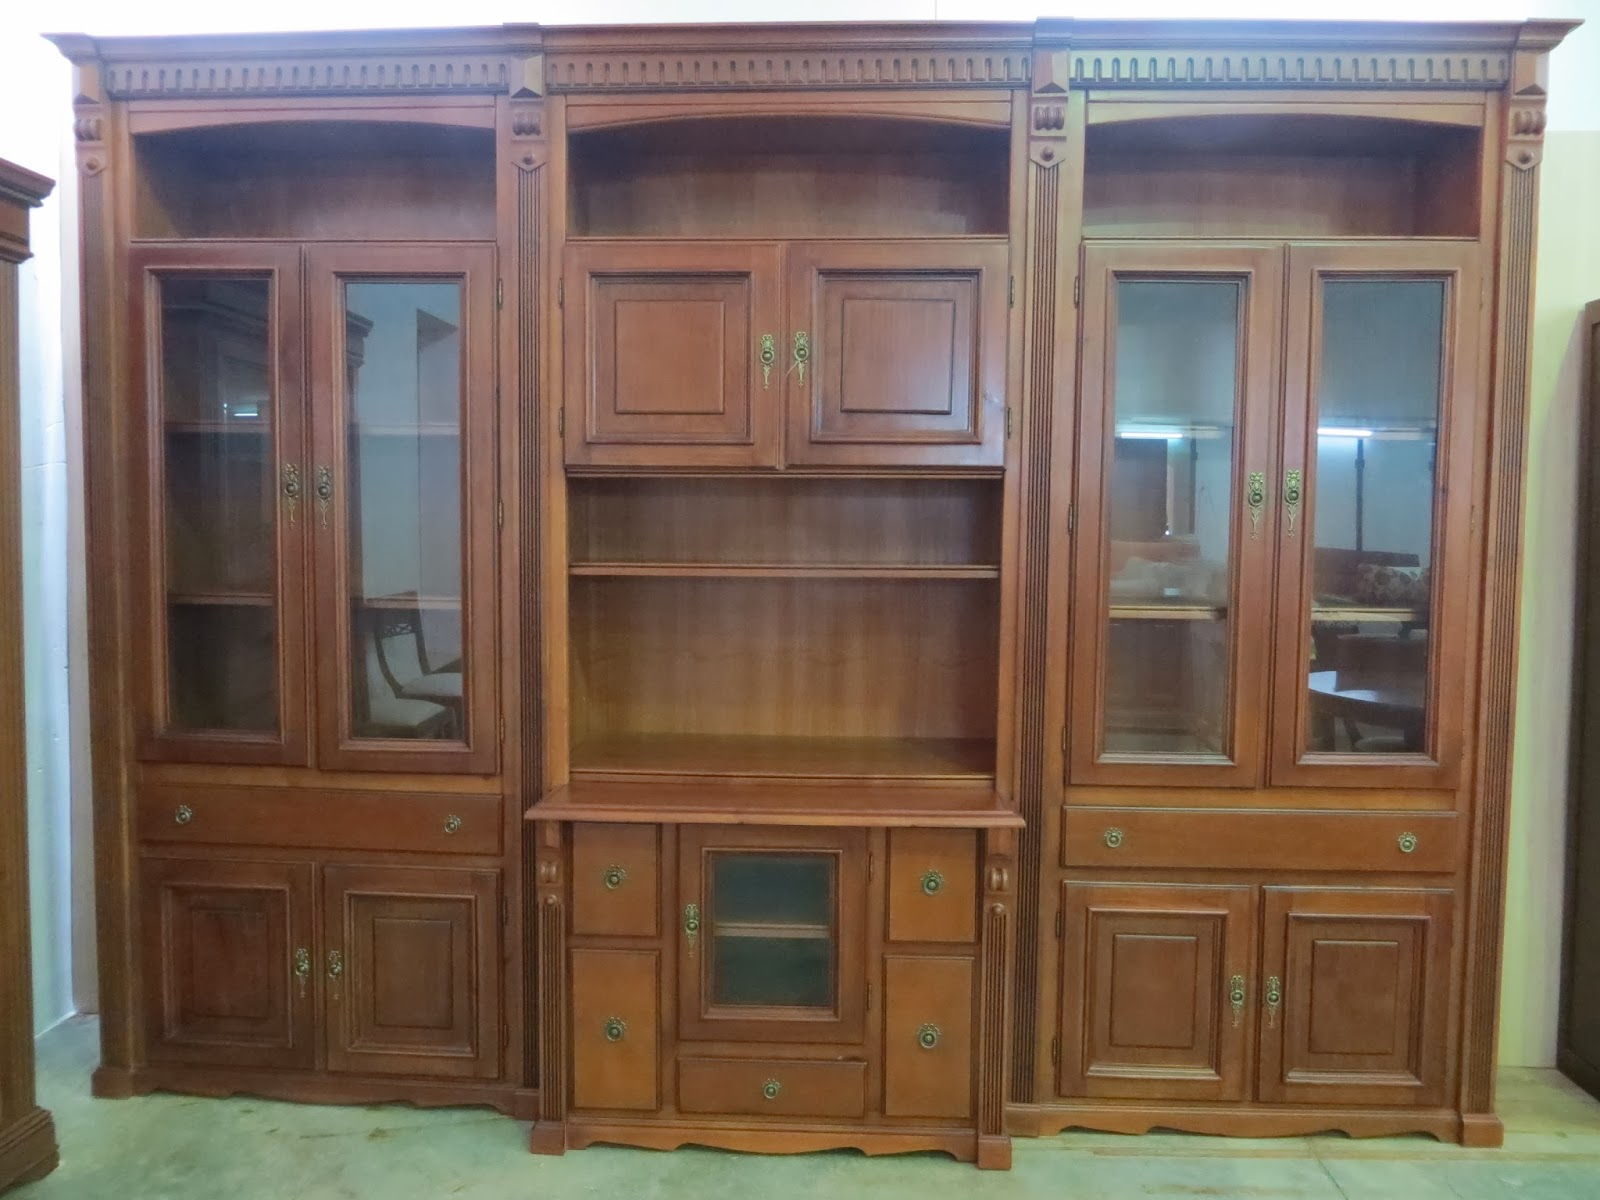 Muebles y art culos de decoraci n a precios chollo mueble for Muebles clasicos en lucena